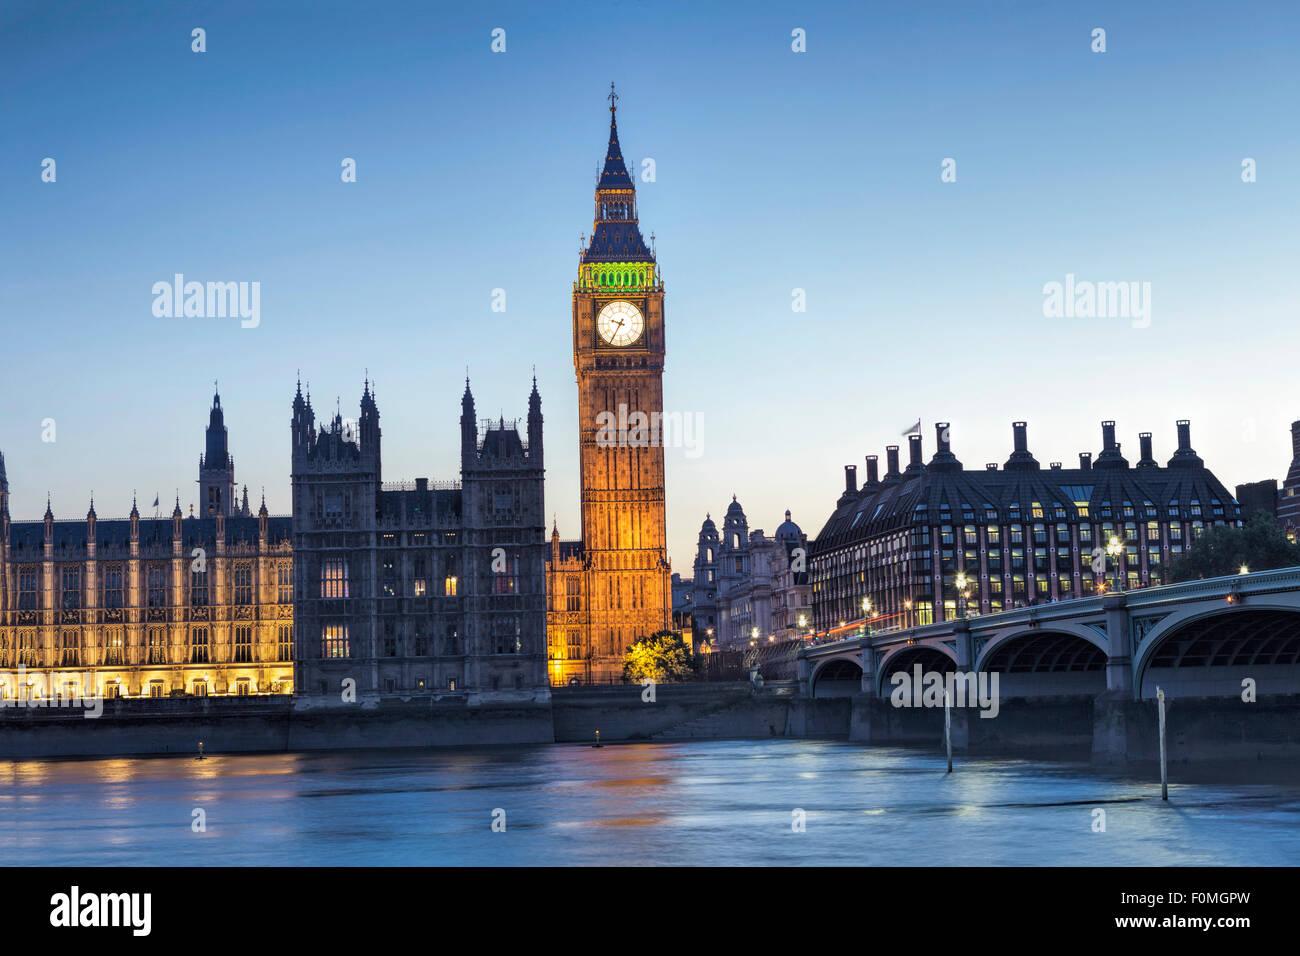 Londres, Las Casas del Parlamento (Palacio de Westminster), Thames y Westminster Bridge Imagen De Stock